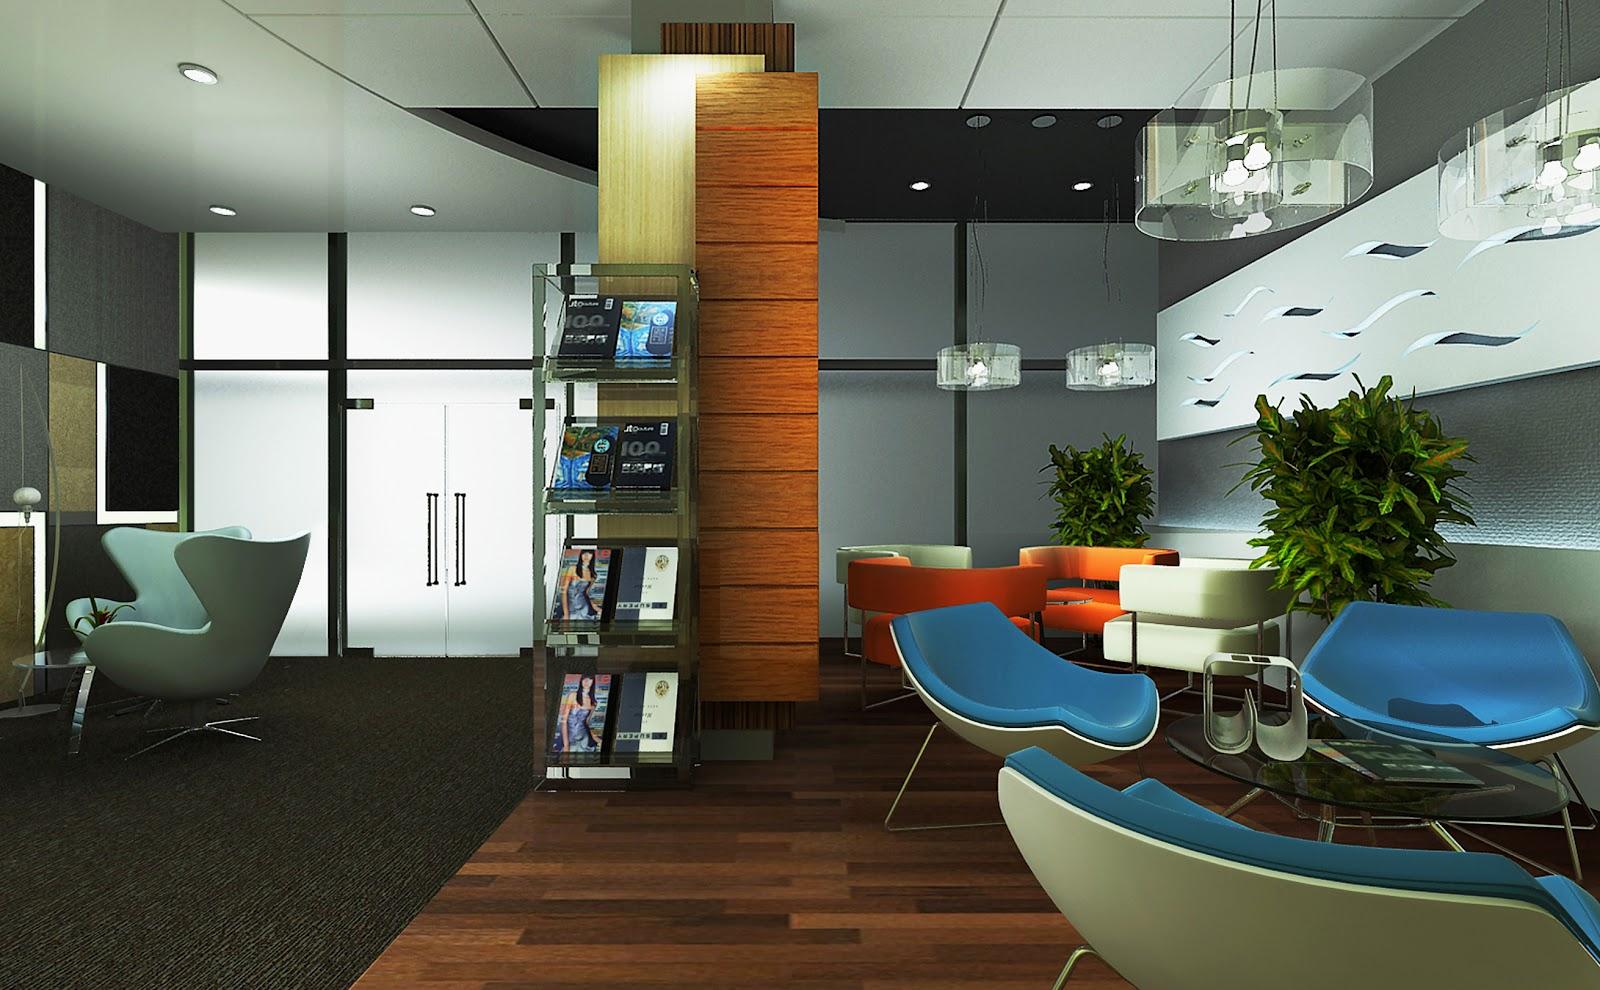 Work experience sunway university graduate school design tone interior practice interior - Practice interior design at home ...